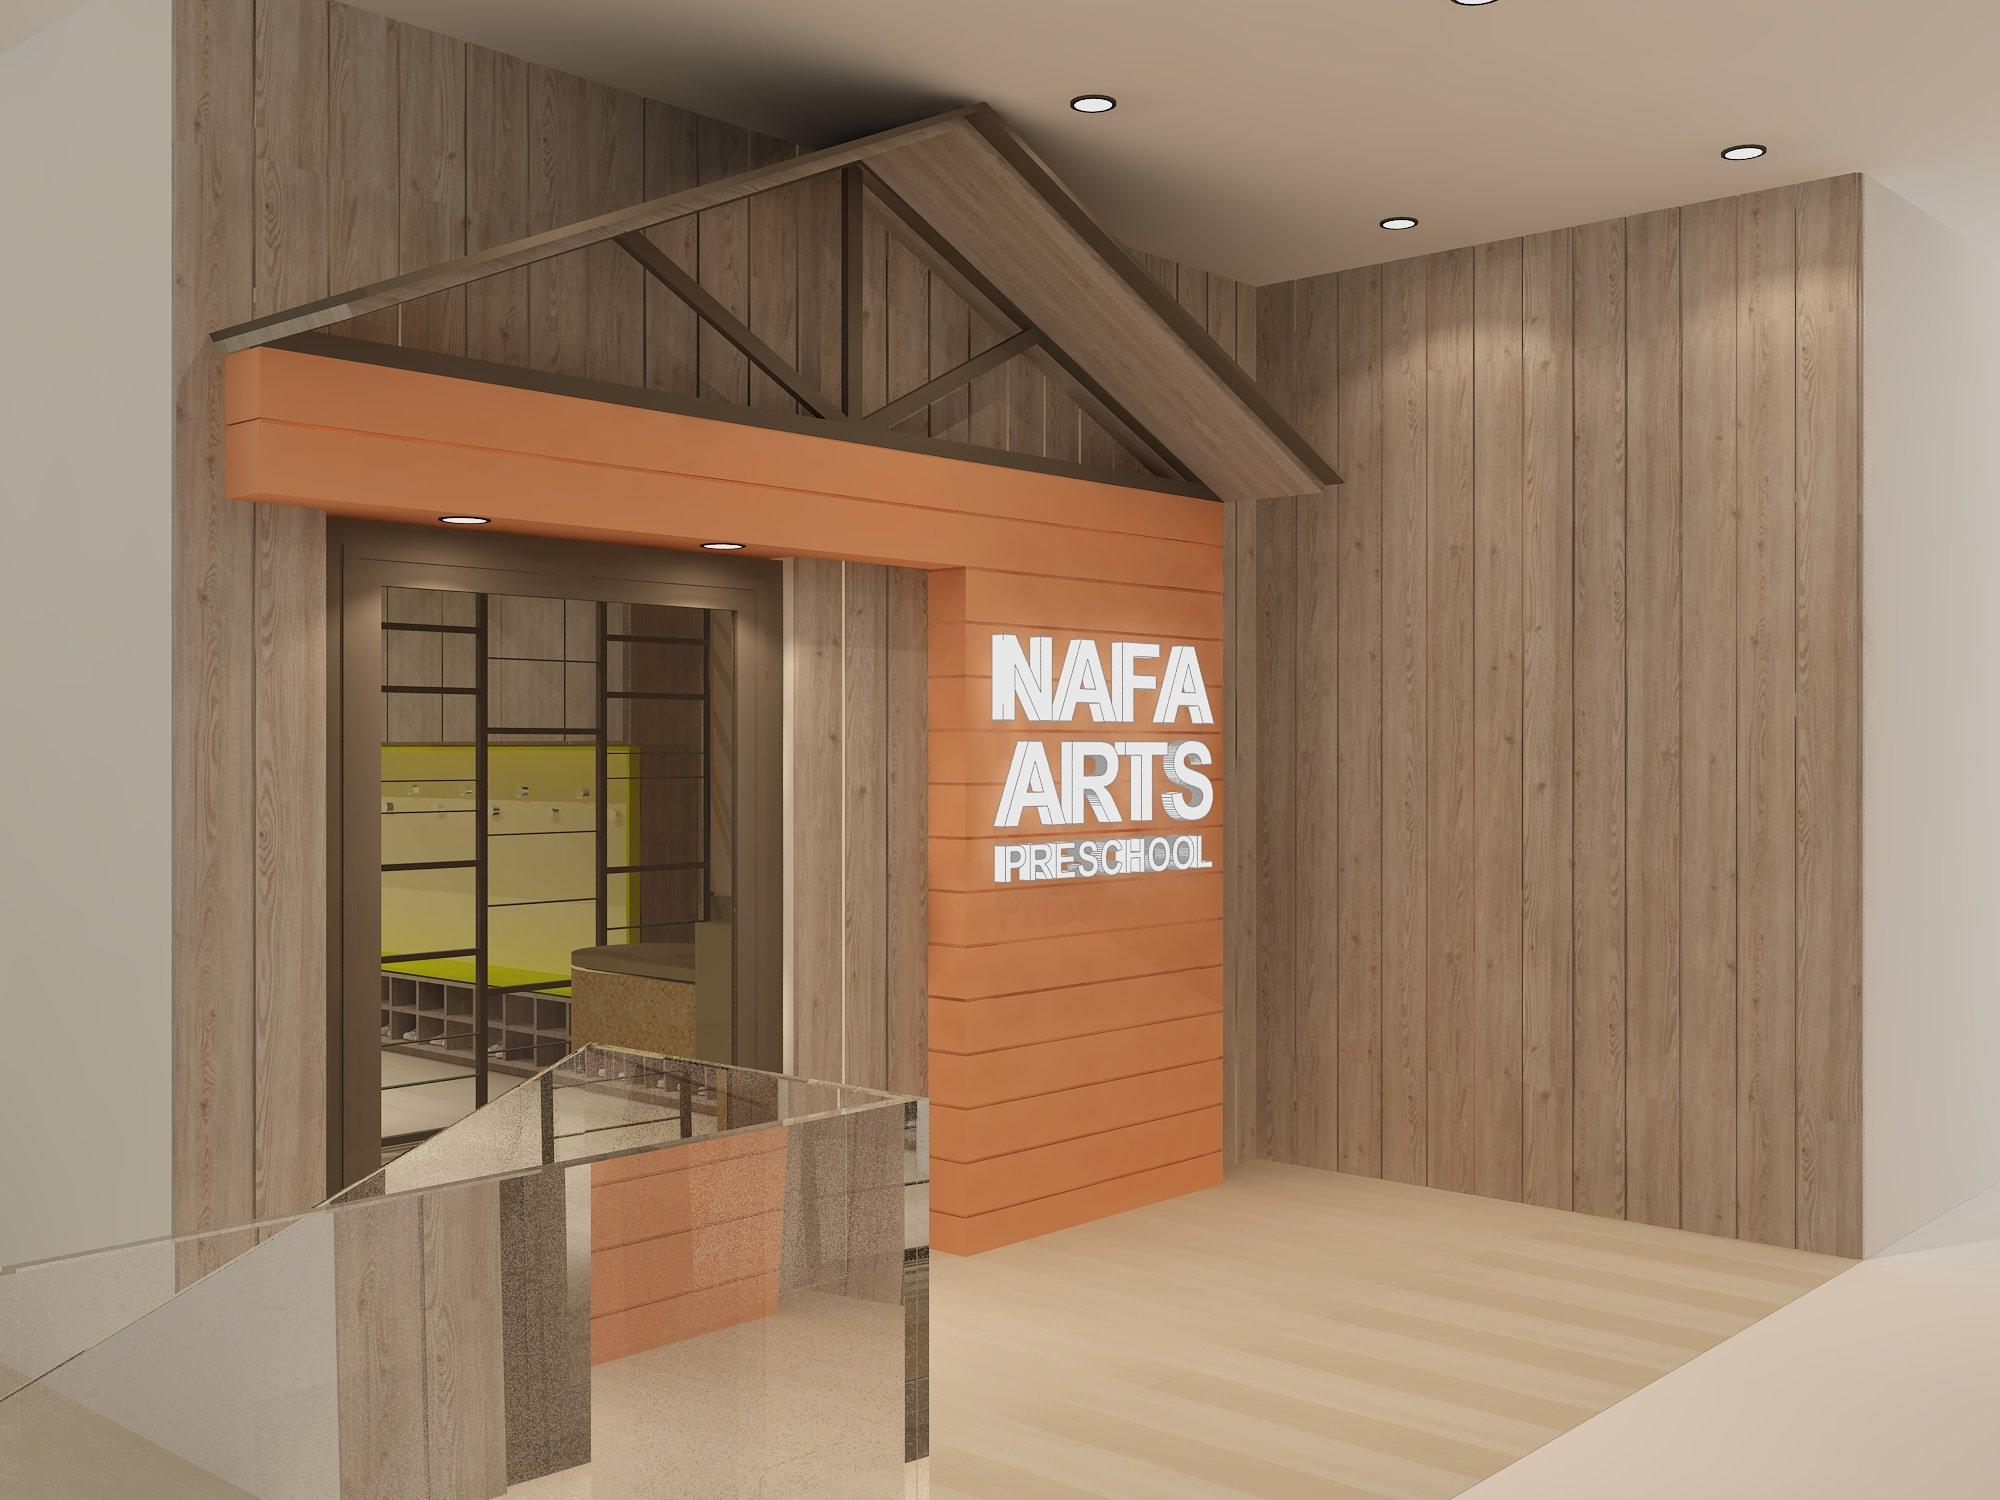 NAFA Arts Preschool